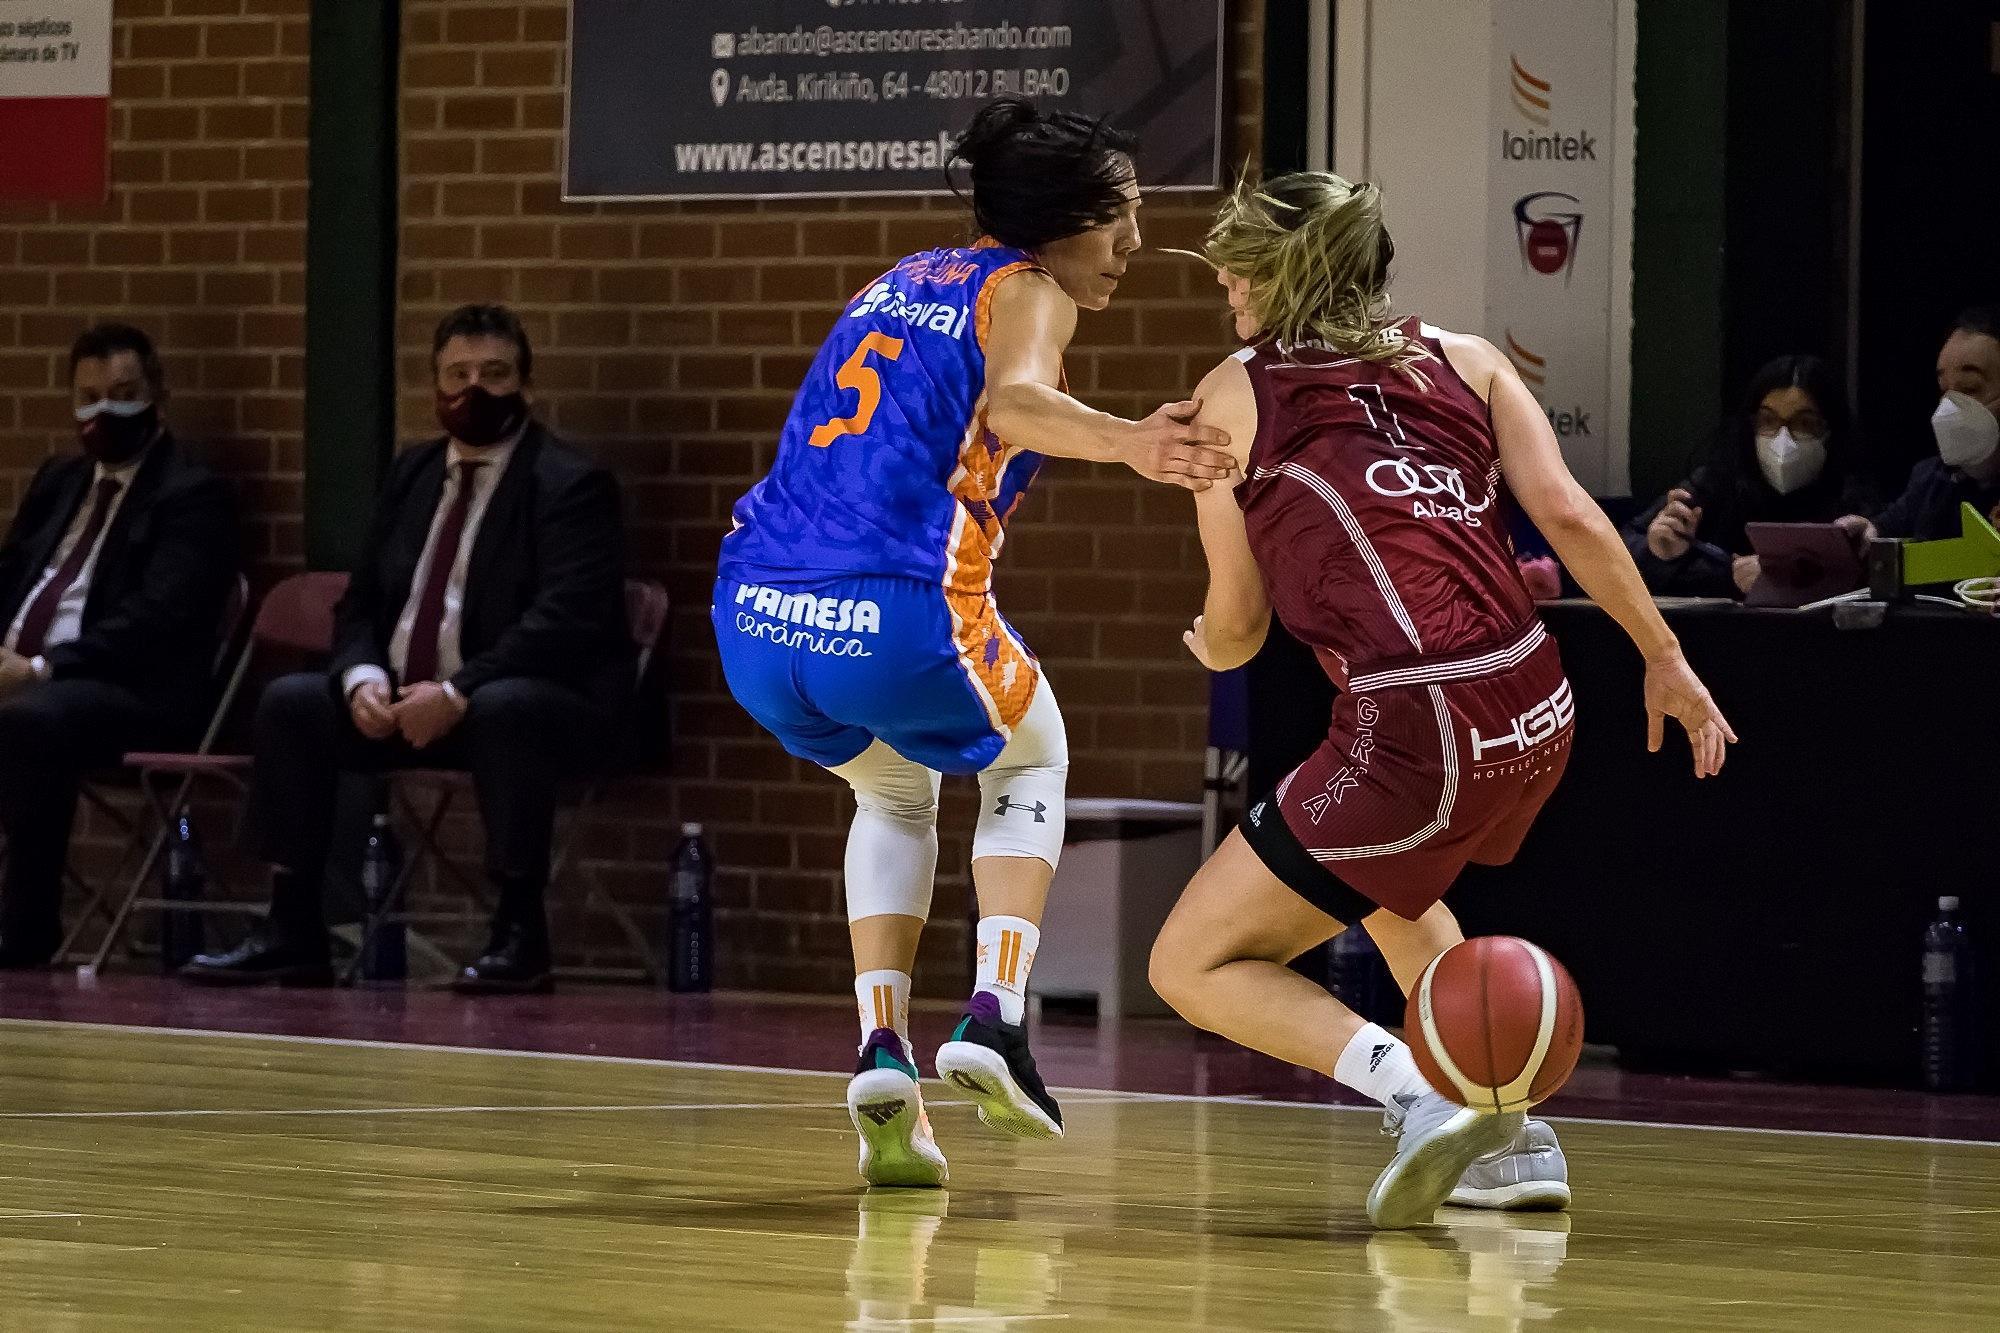 Cornelius se pasa el balón por la espalda para evitar a Ouviña (Foto: Luis Fernando Boo).